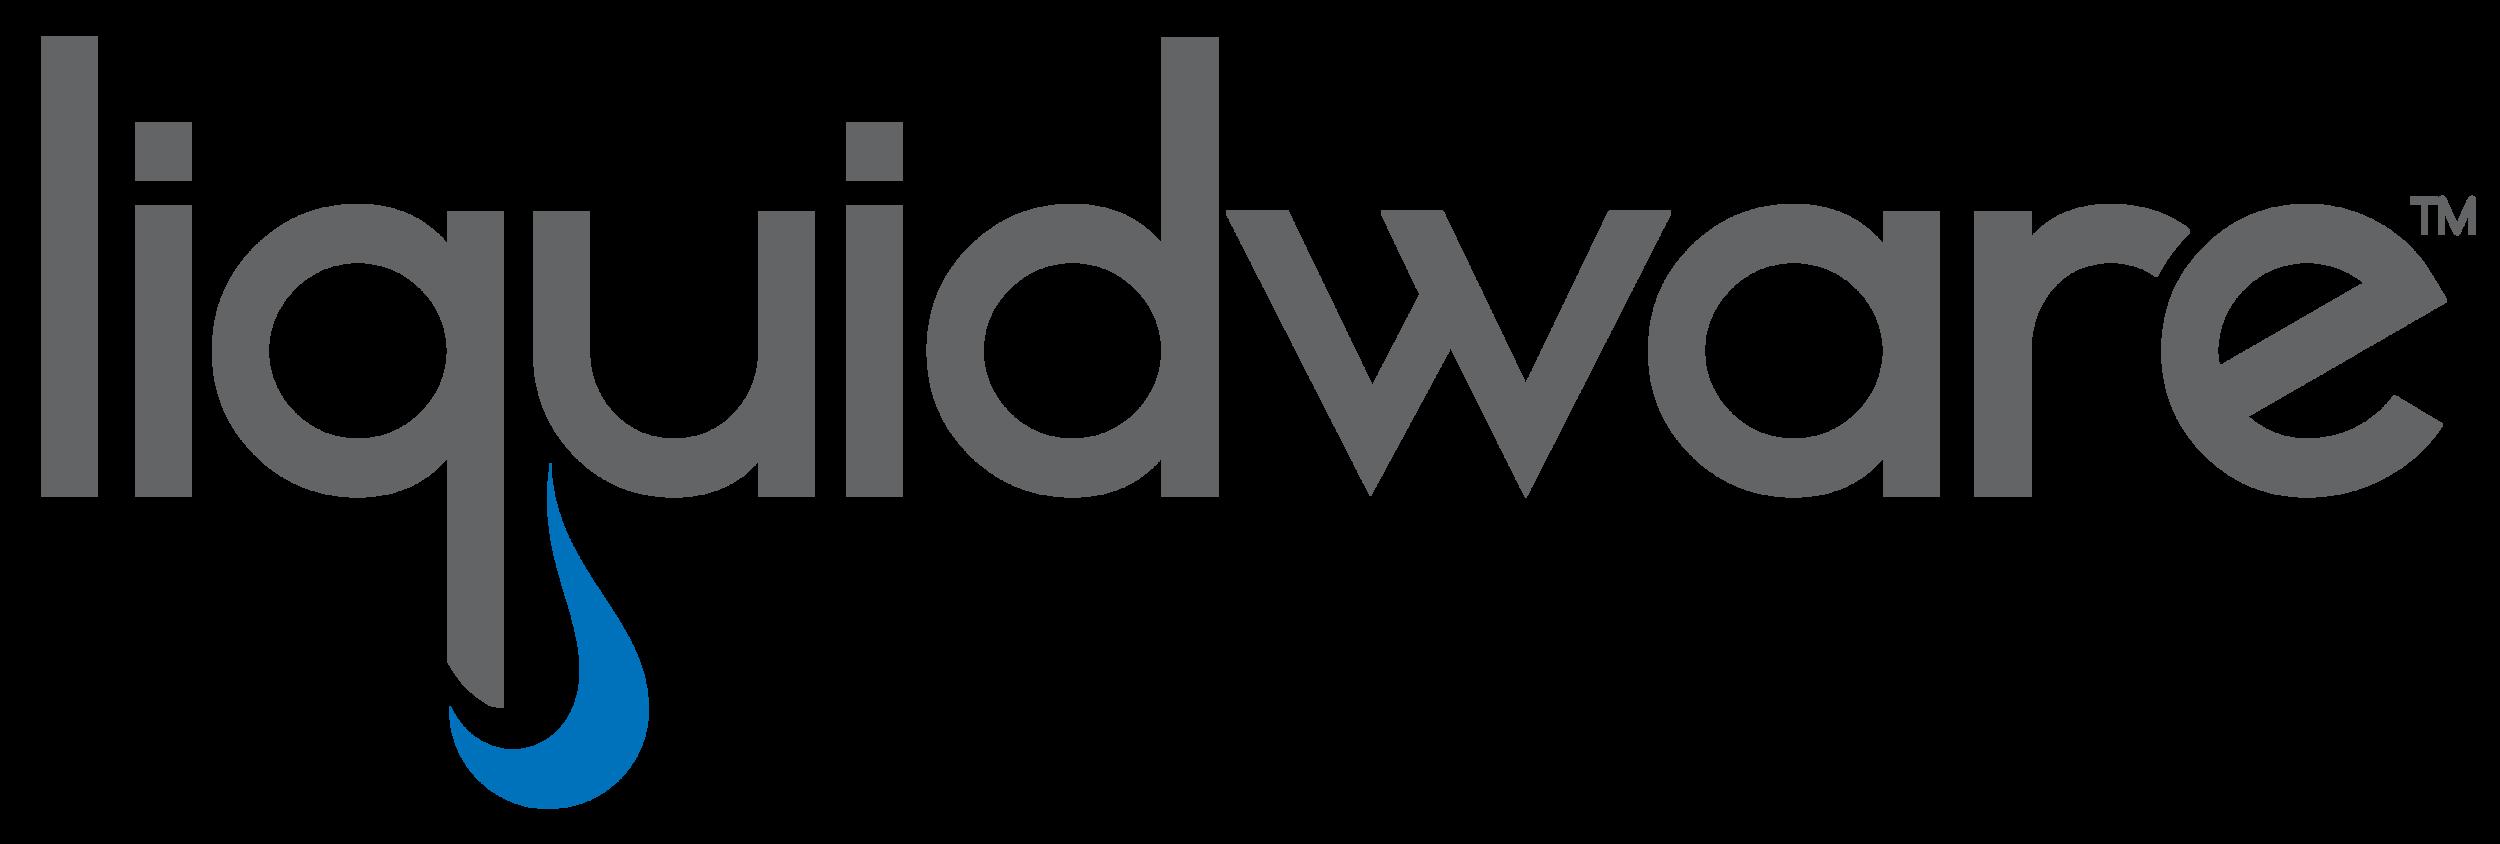 Liquidware-Company-Logo.png